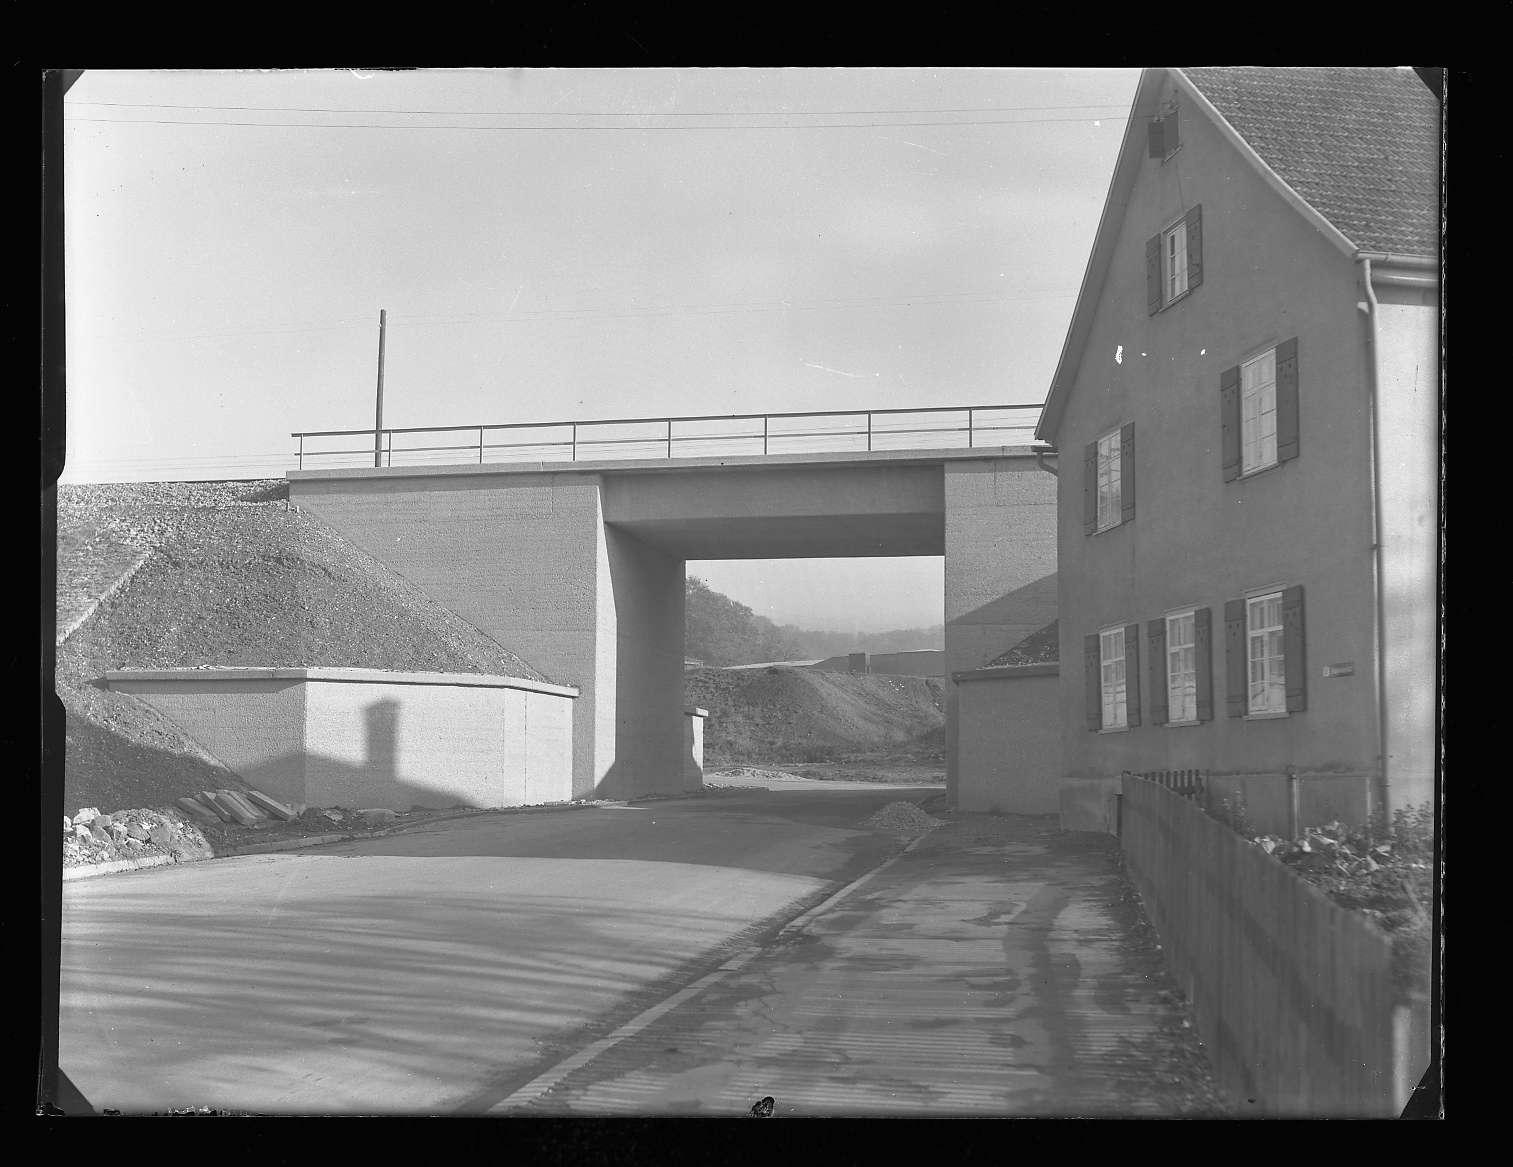 Wasseralfingen, Bf, neue Brücke (fertiger Zustand), Abb. a